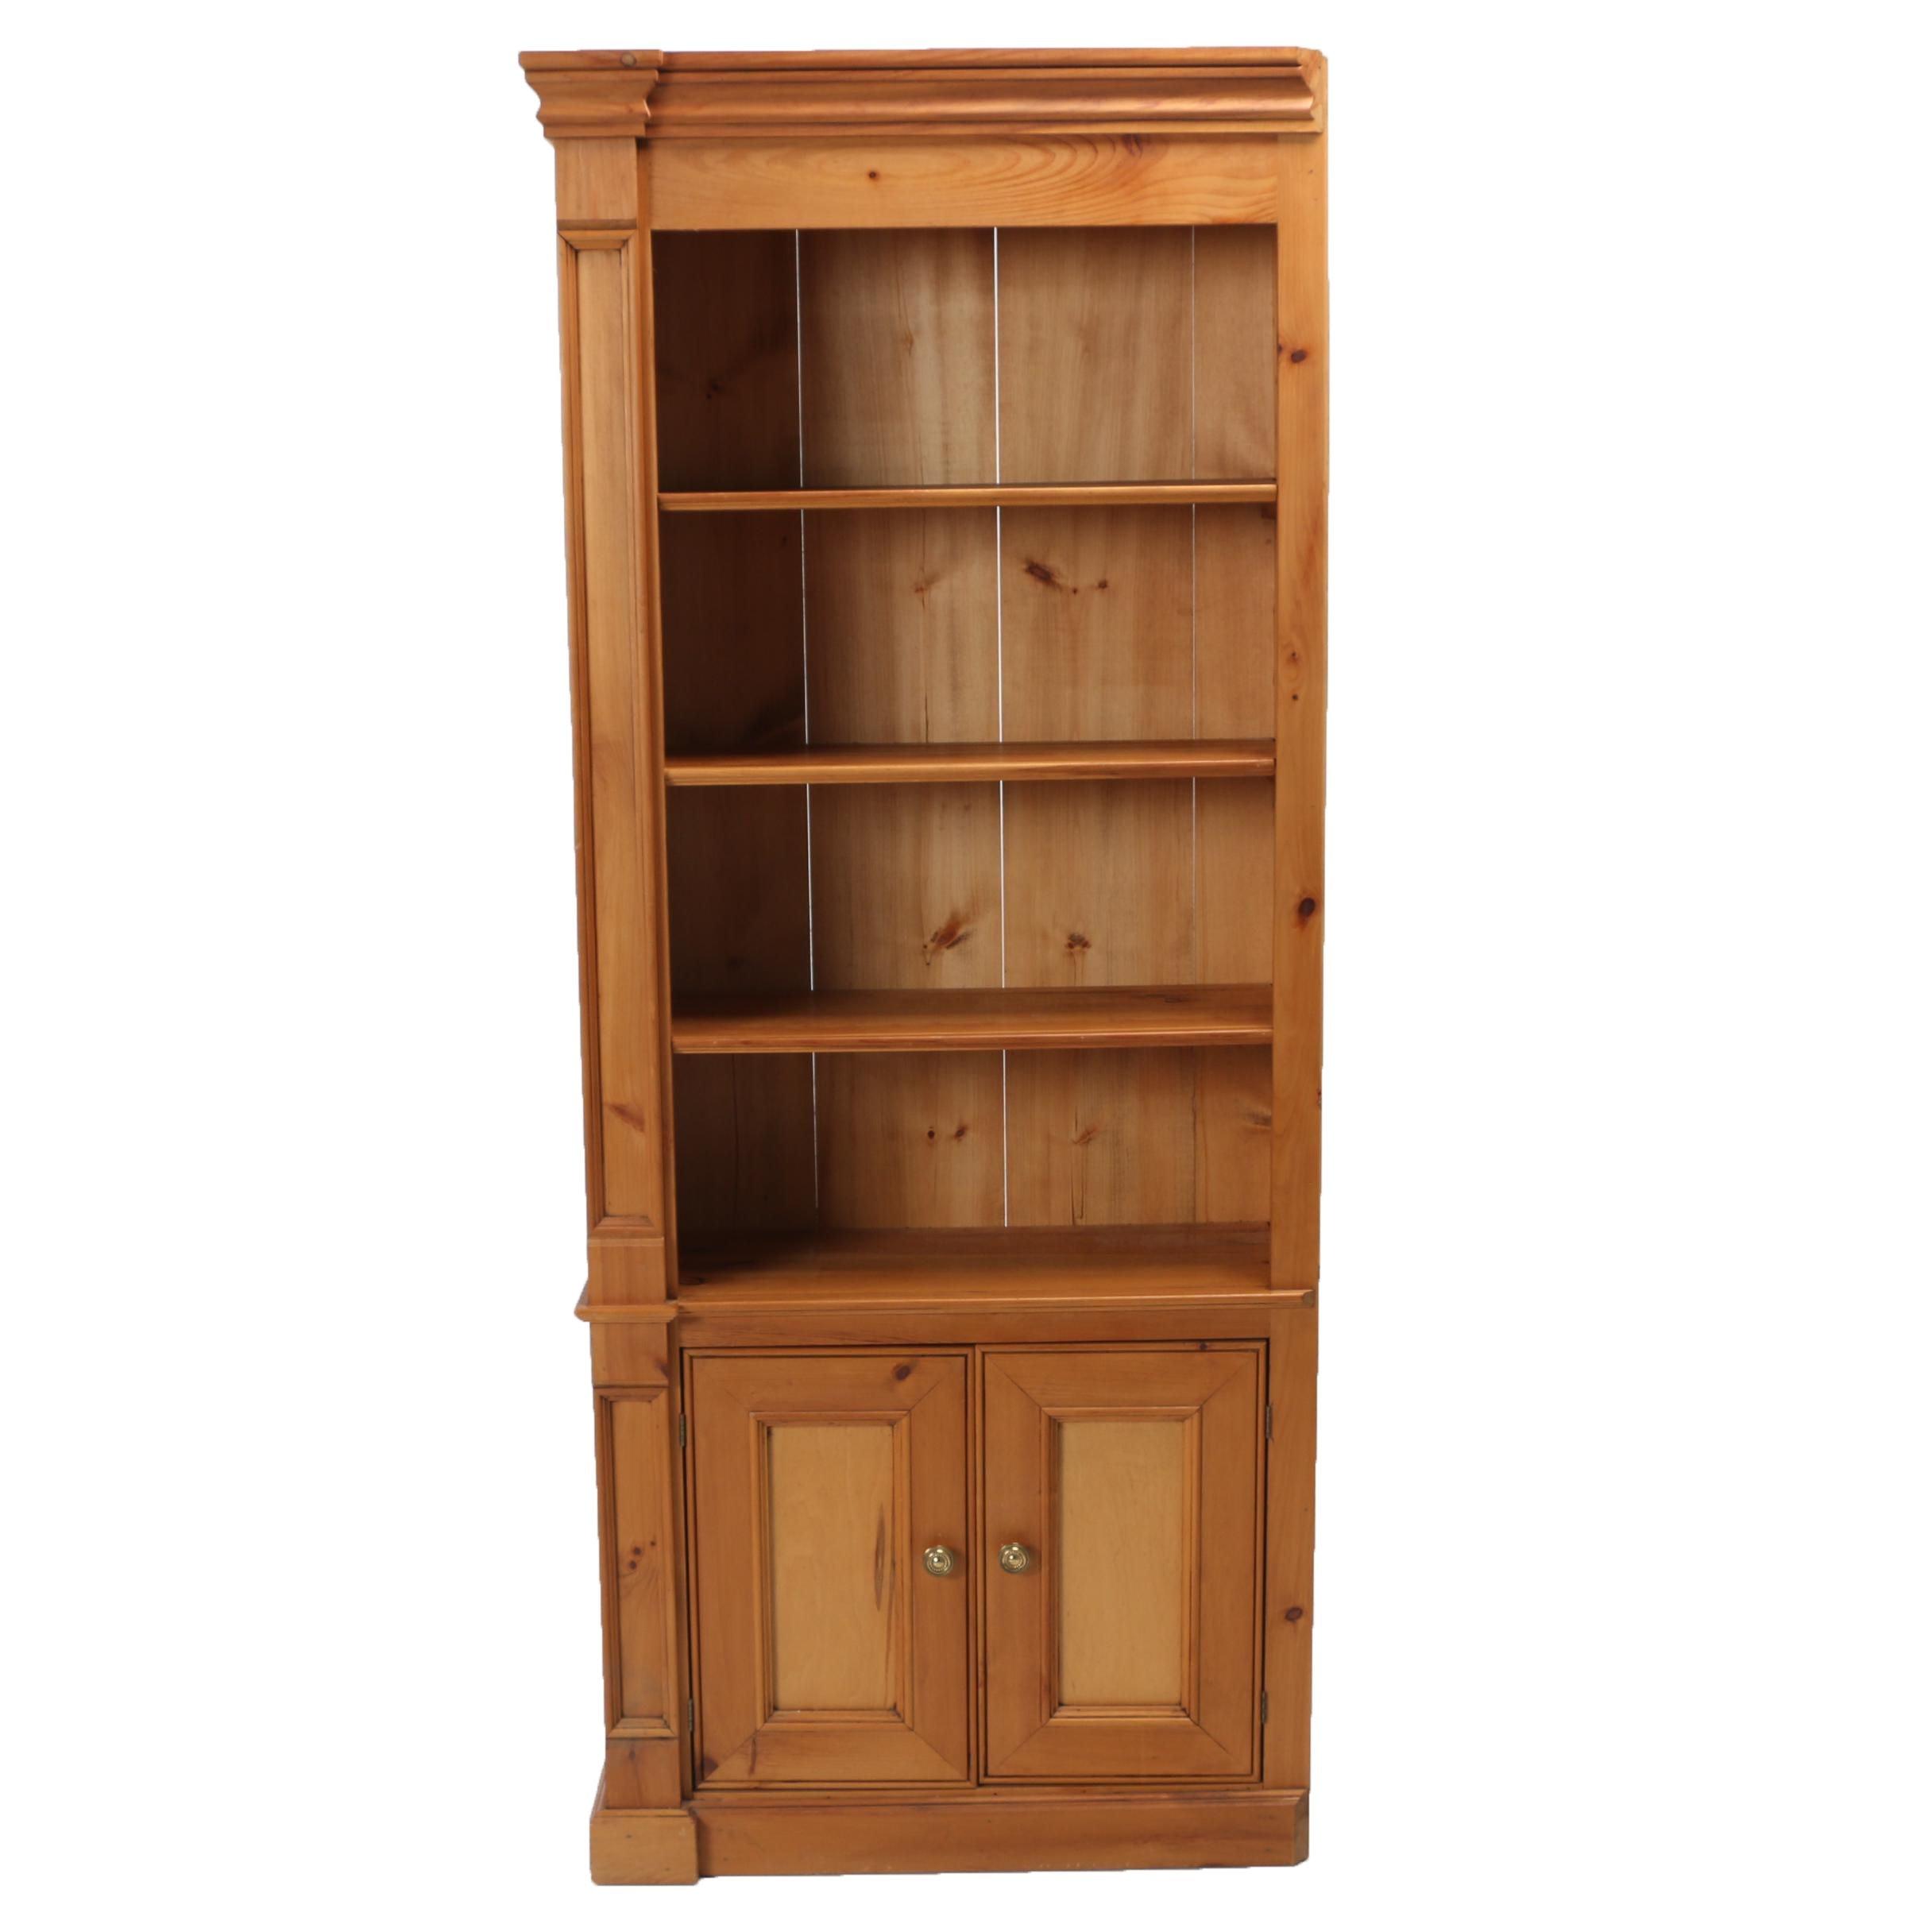 Contemporary Pine Custom-Made Left-Facing Bookcase